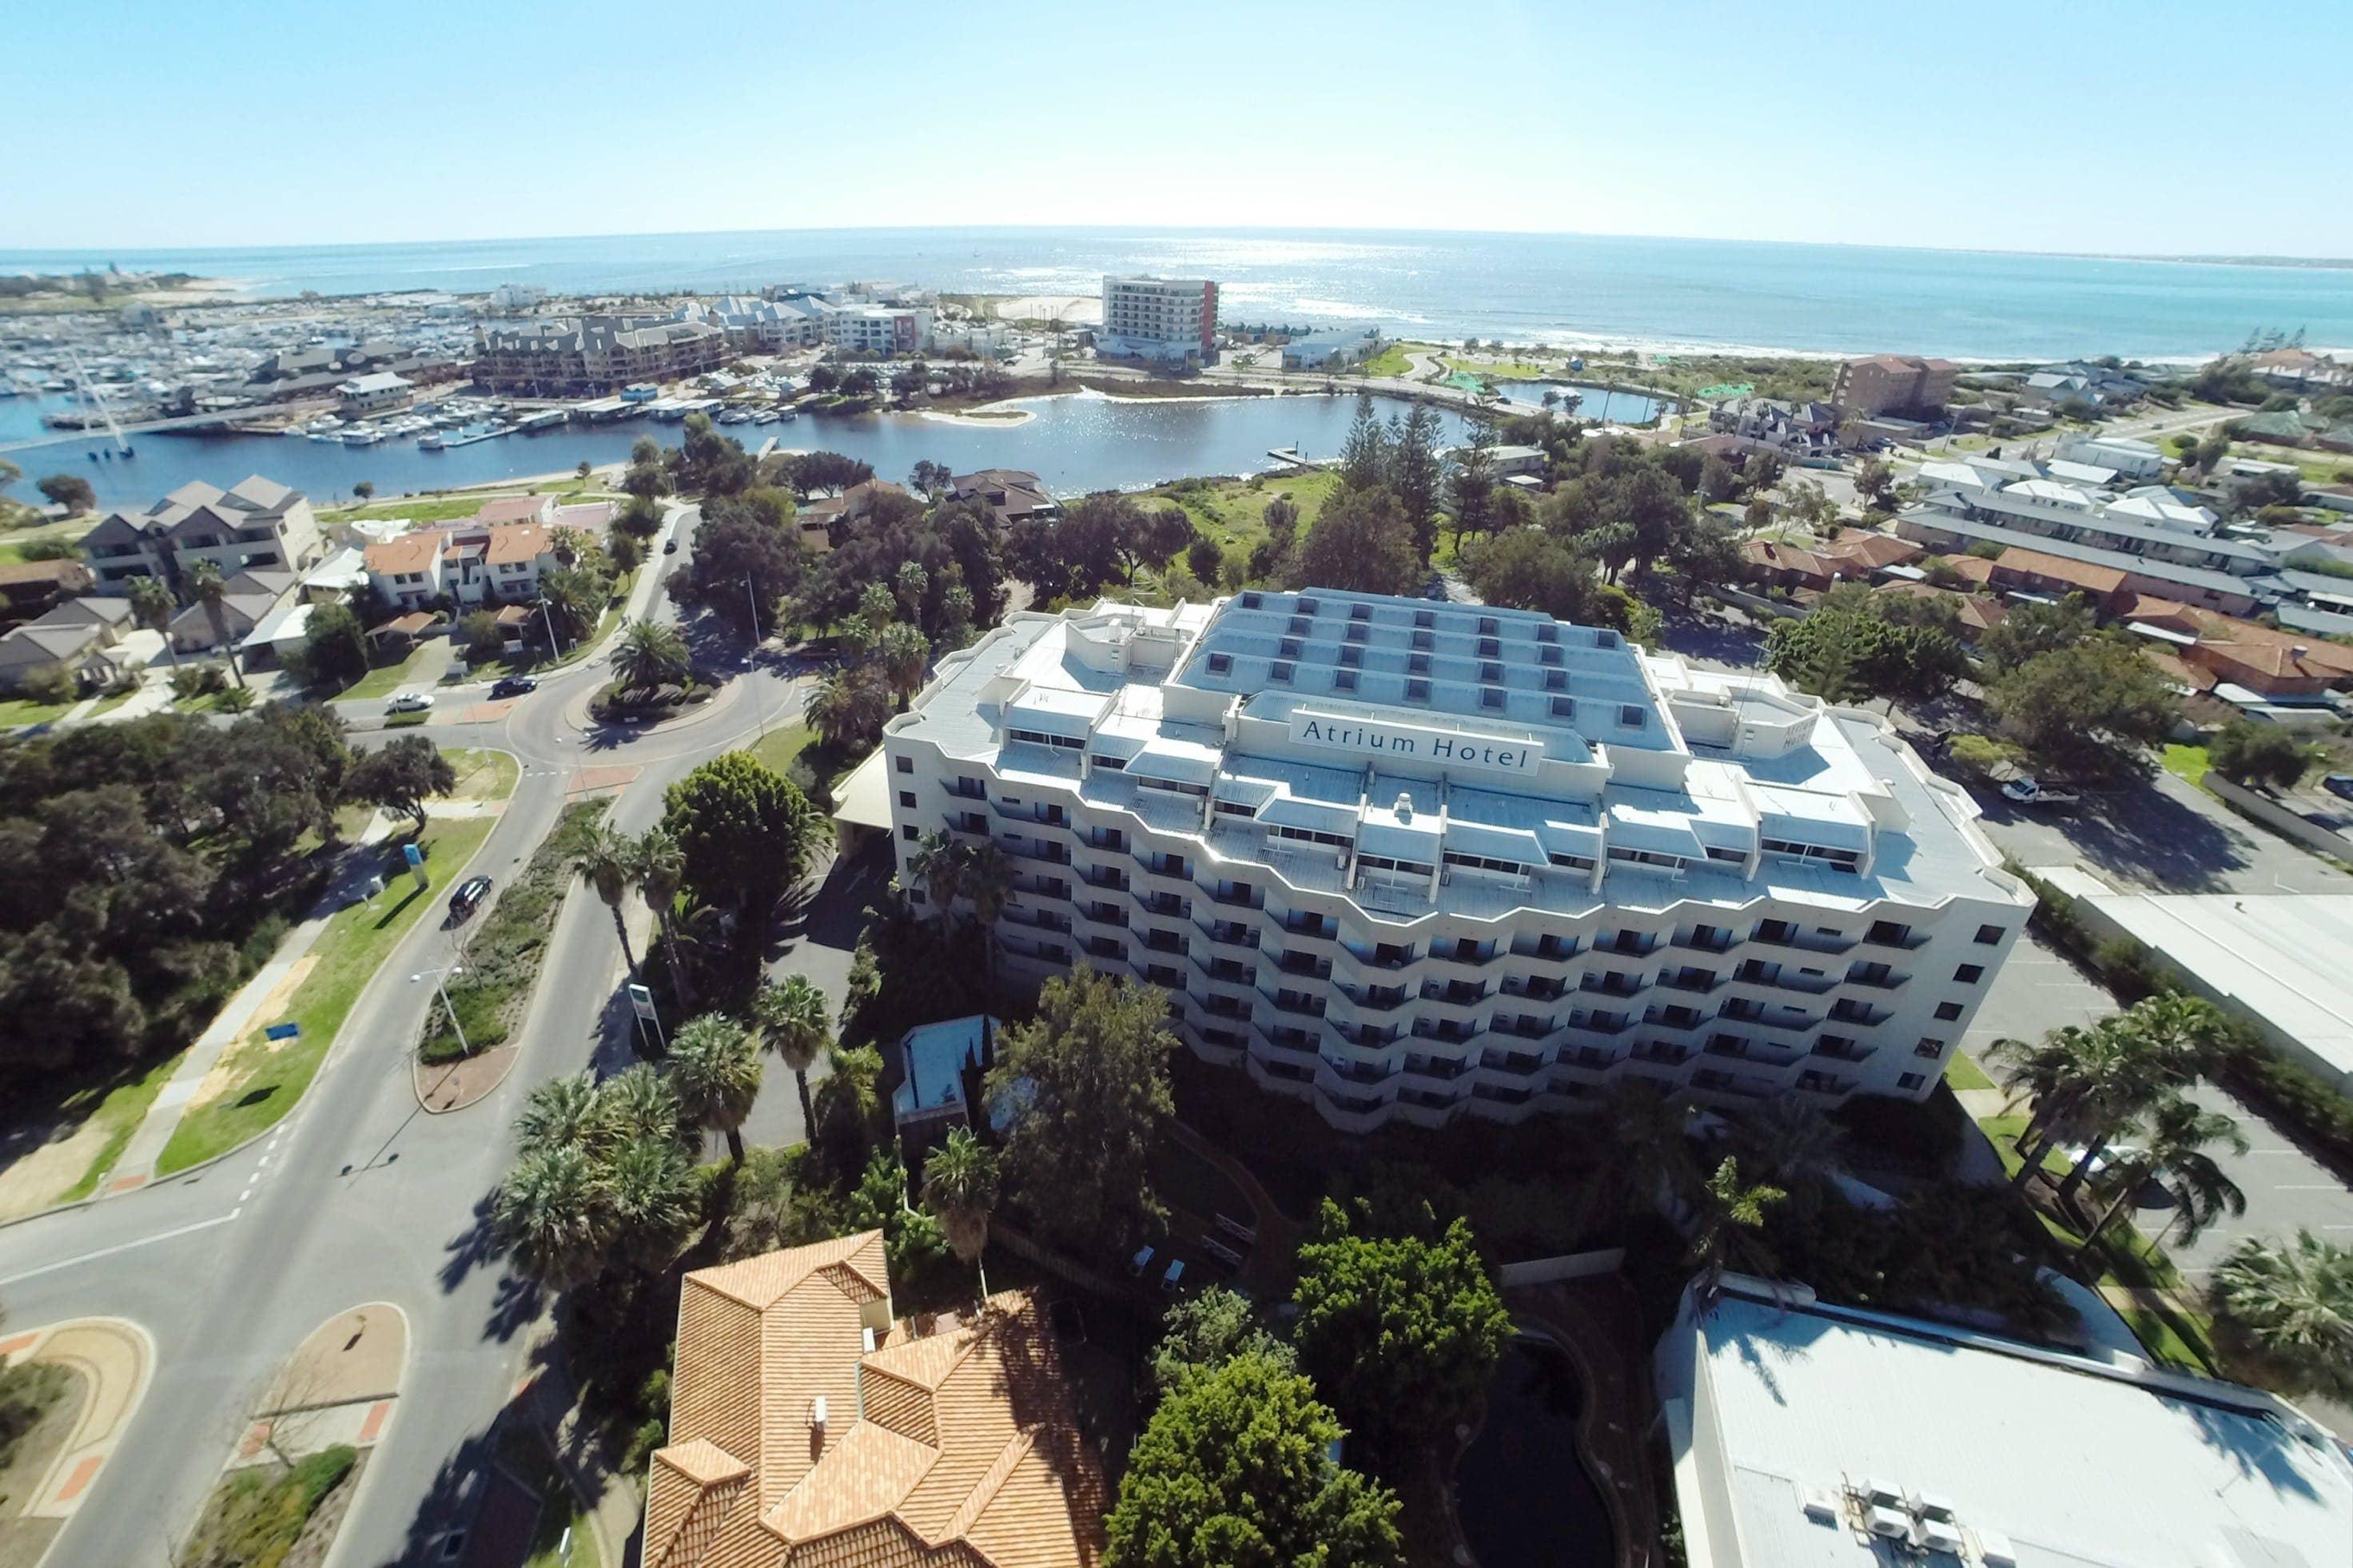 Picture of The Atrium Hotel Mandurah